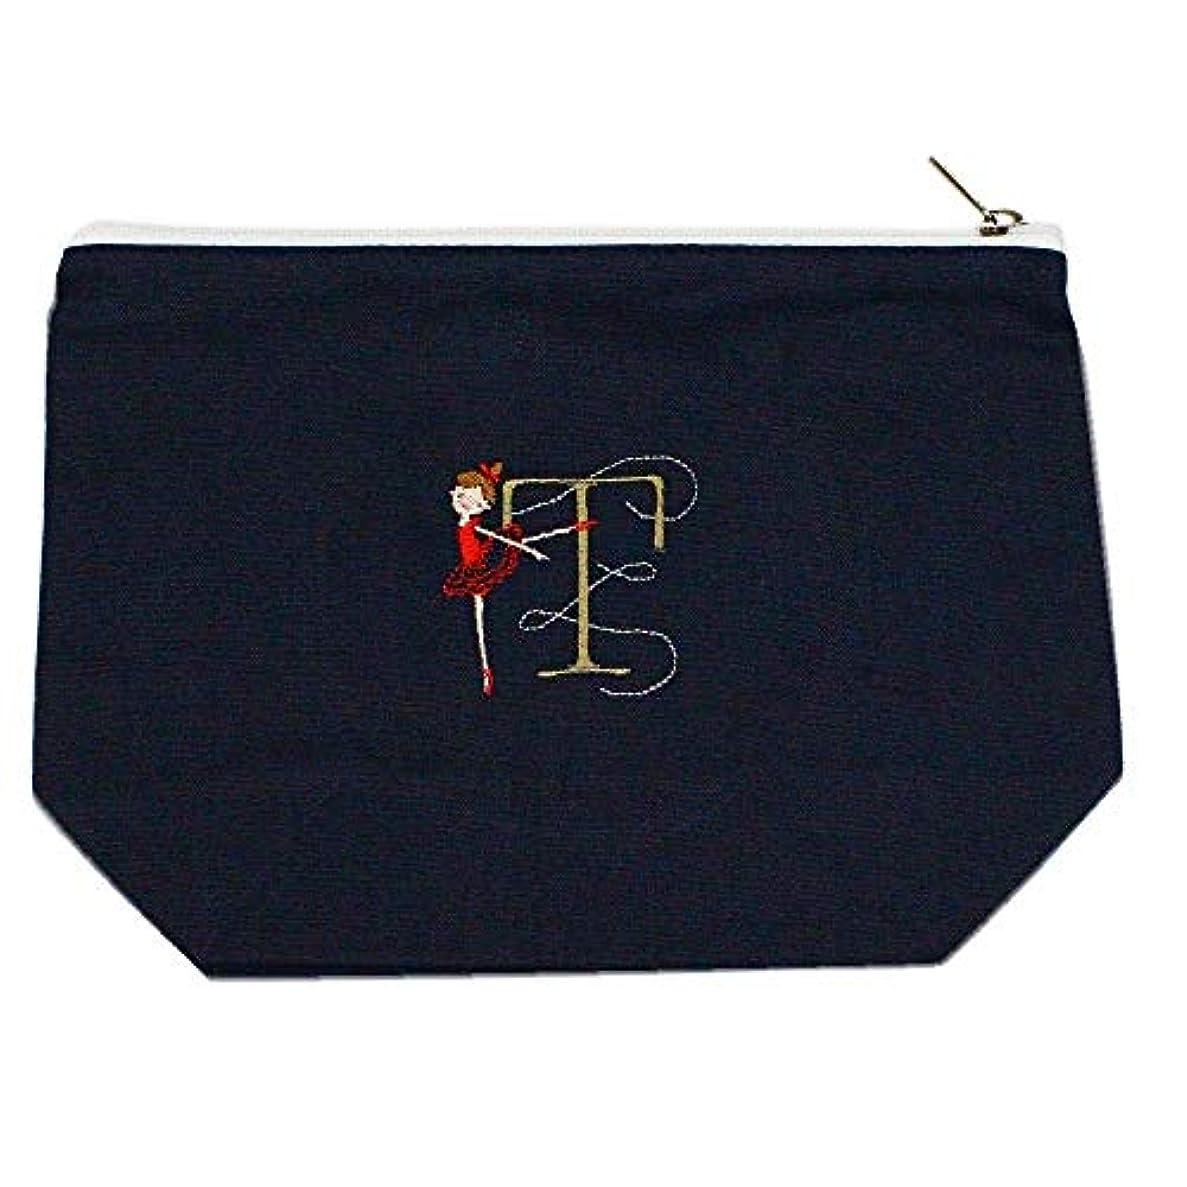 スケルトン嵐の案件Shinzi Katoh バレエ イニシャル刺繍ポーチ (T) ミッドナイトブルー PC011MB